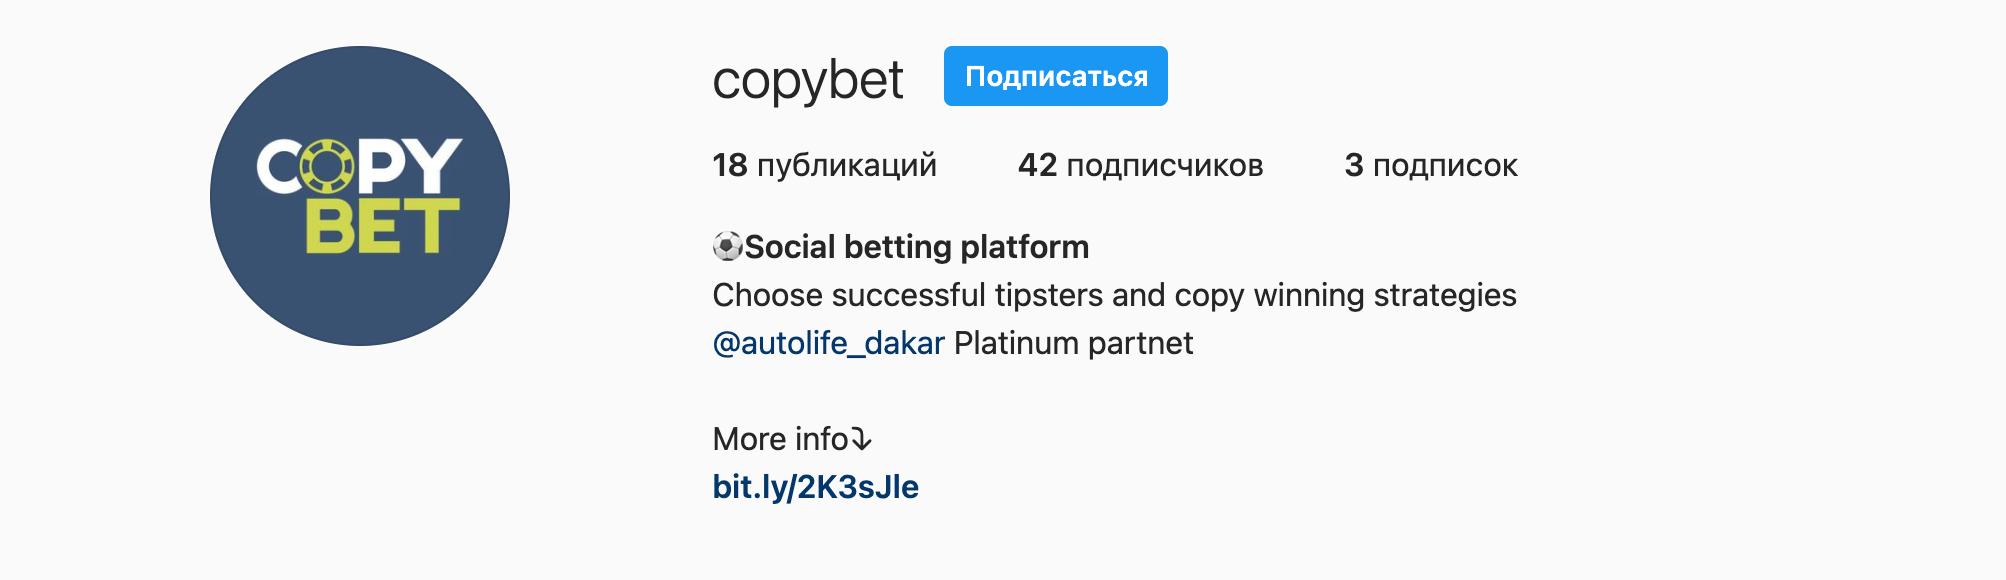 Официальный инстаграм CopyBet